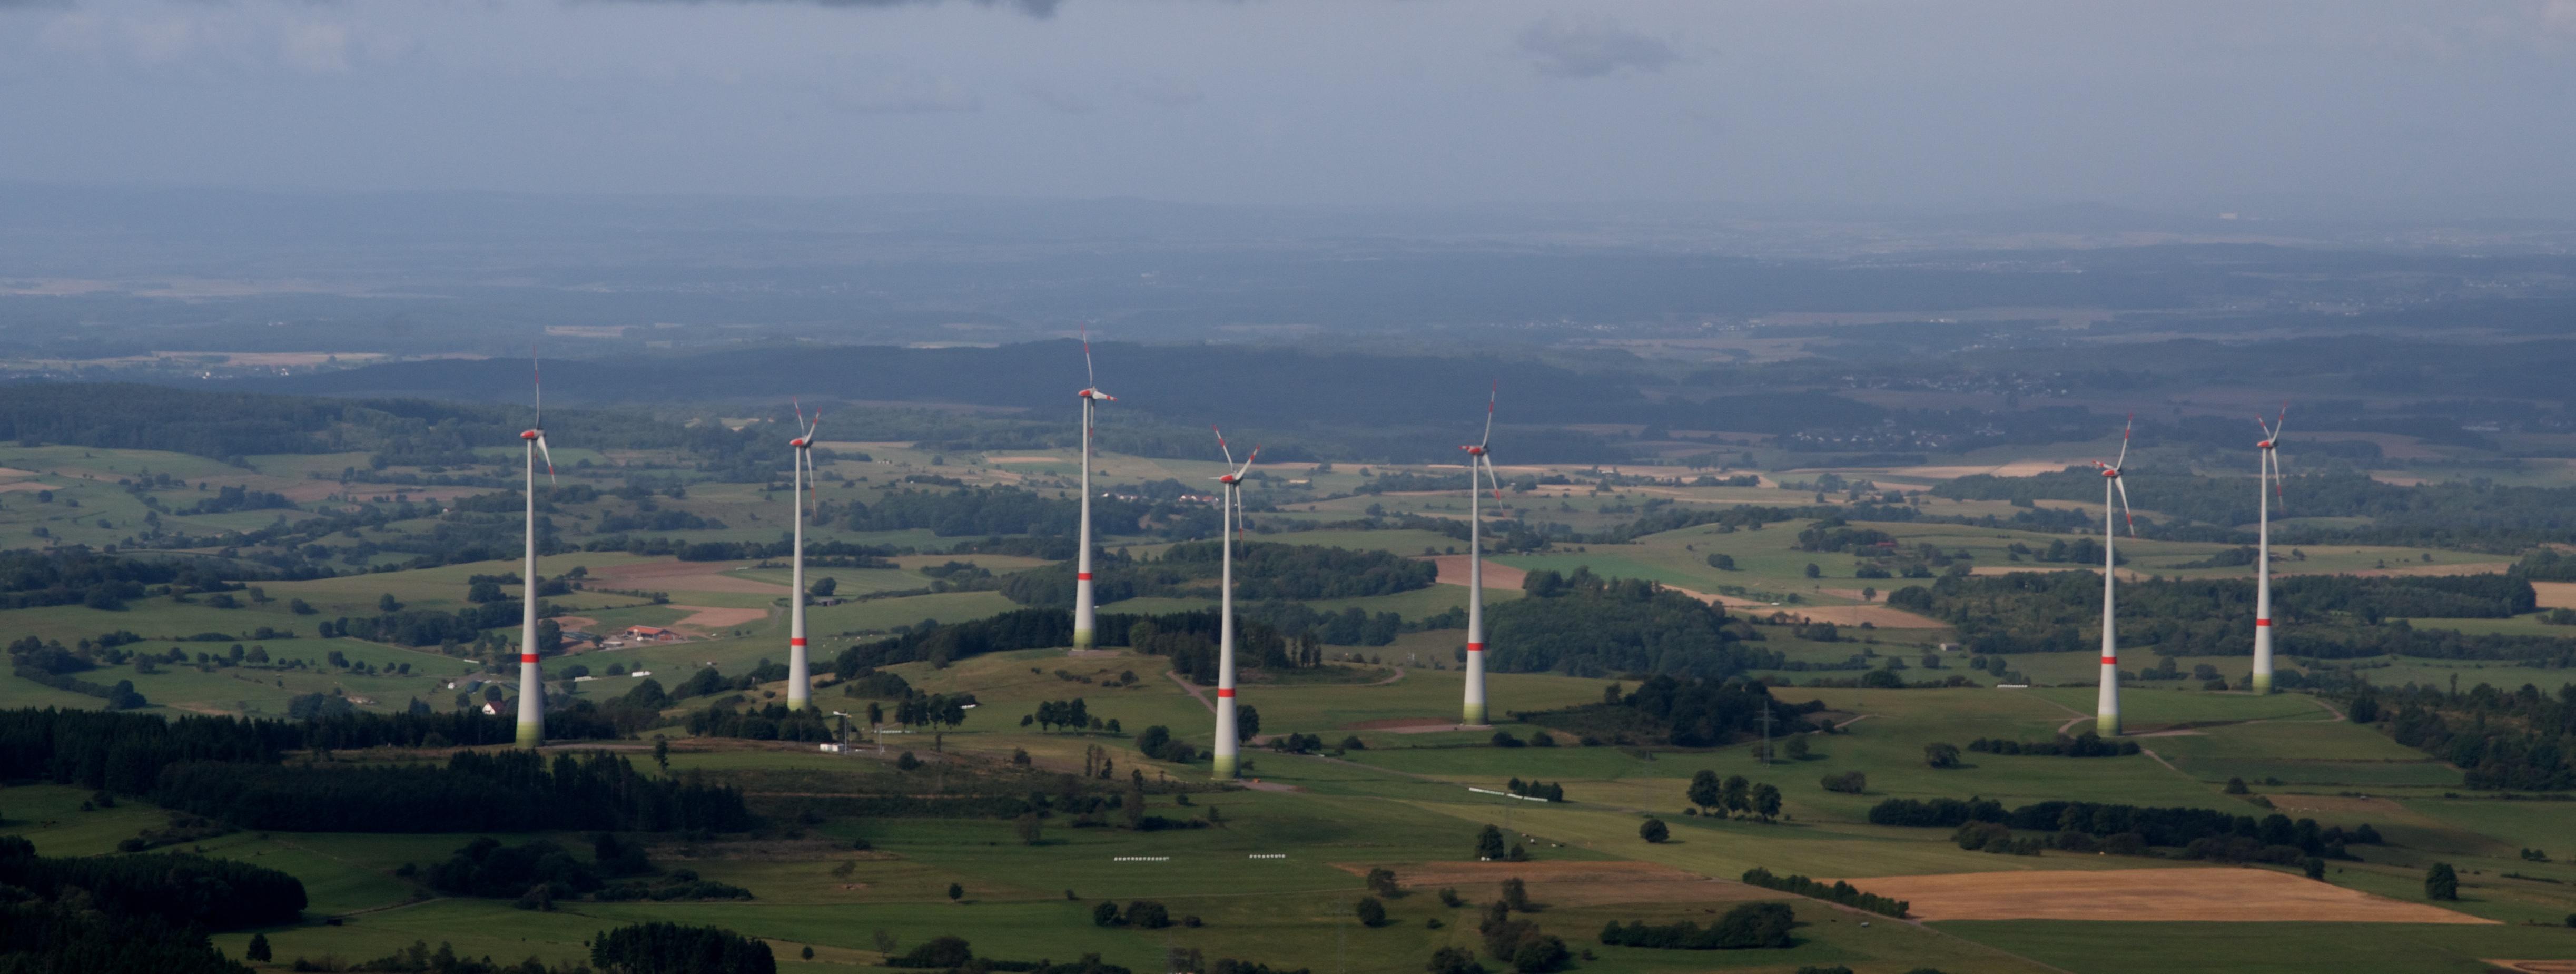 Windfarm Platte, Energiegenossenschaft Vogelsberg, OVAG, Hessenenergie, Hessenwind, Gerd Morber, Dr. Erik Siefart, Edwin Schneider, Erwin Horst